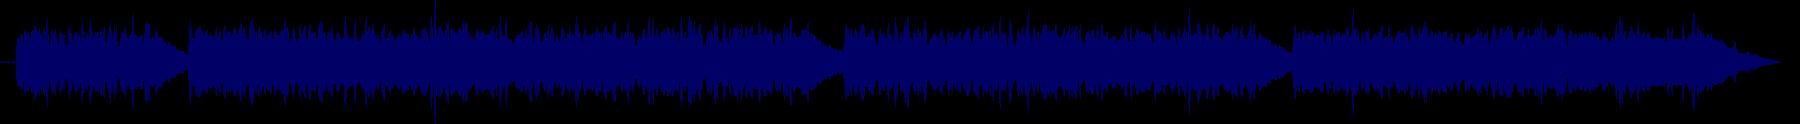 waveform of track #75324